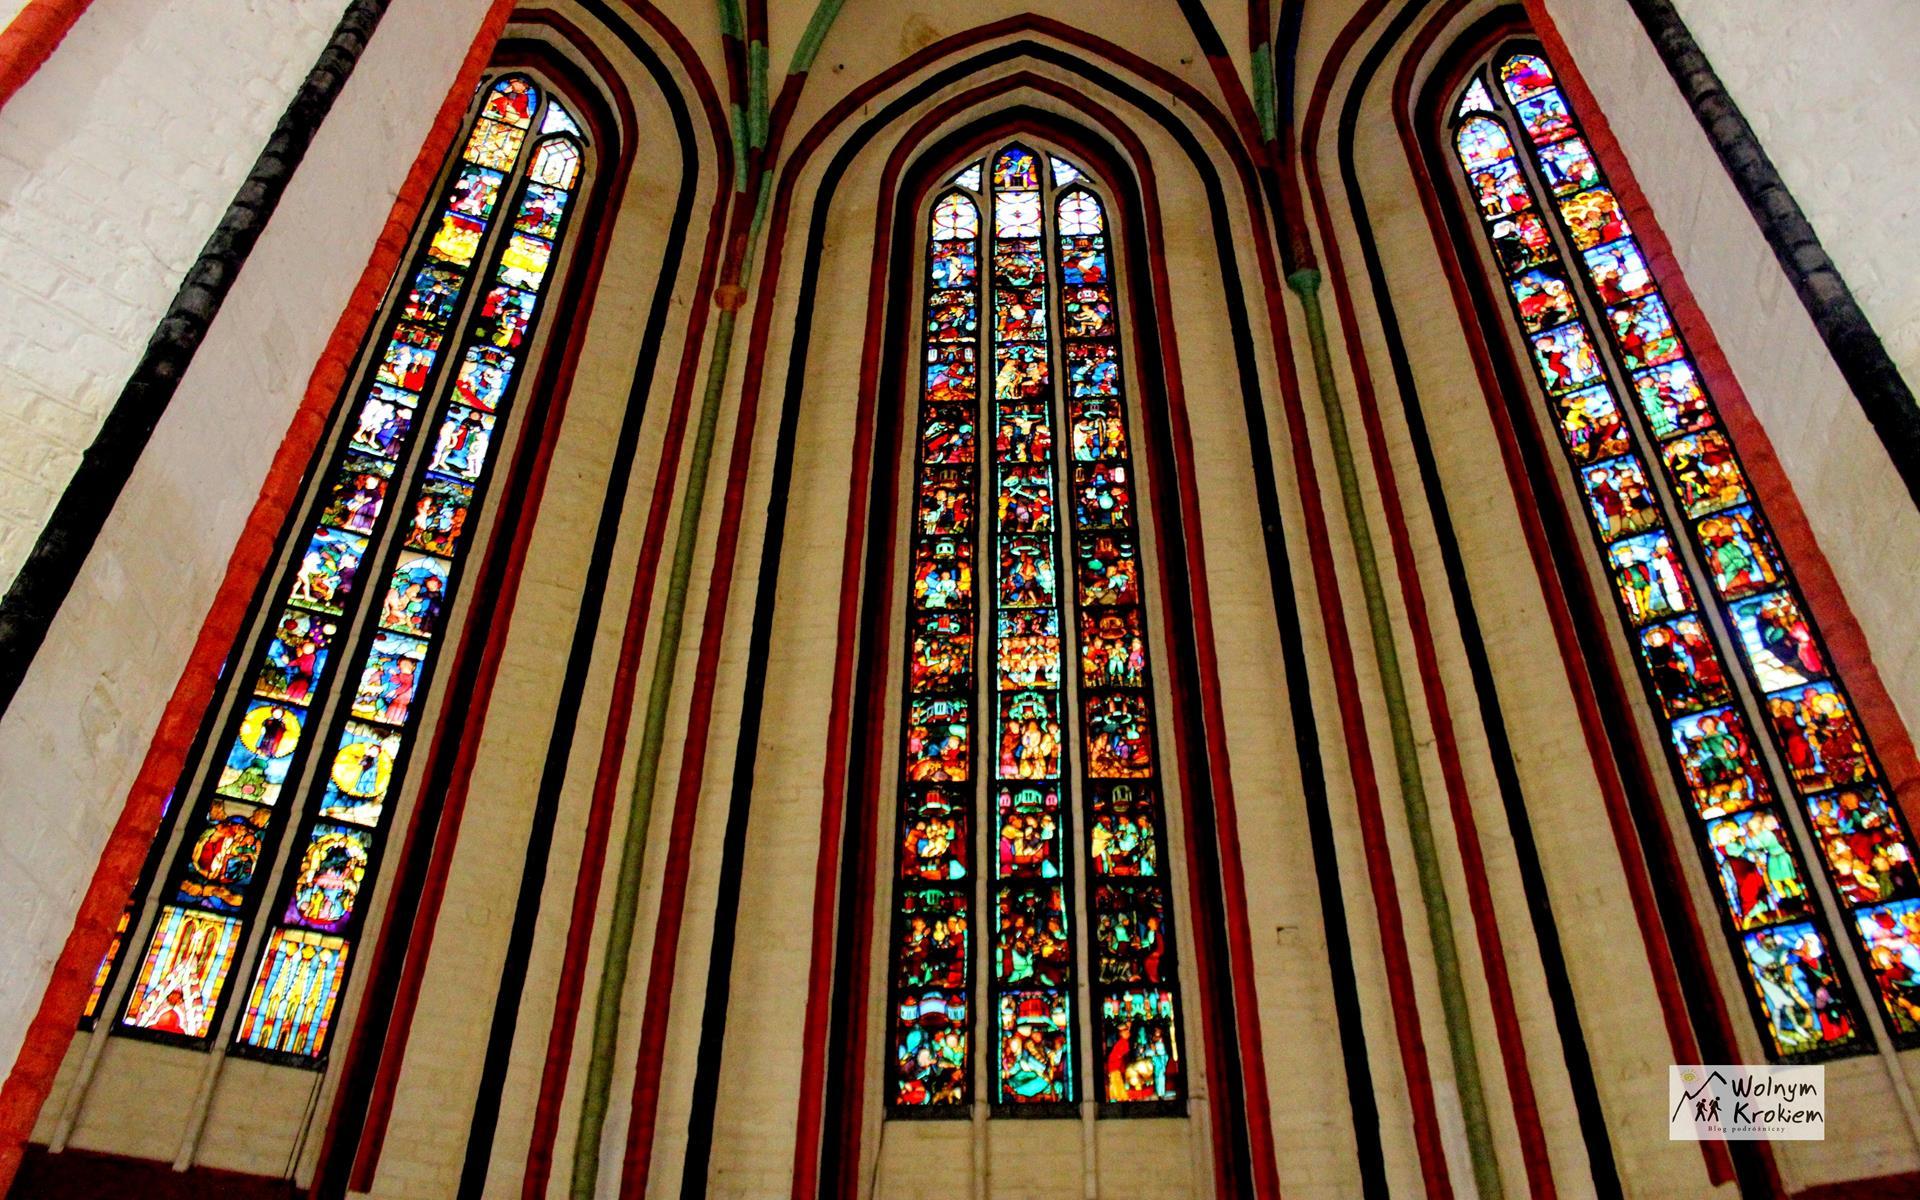 Frankfurt nad Odrą witraże w kościele Najświętszej Maryi Panny